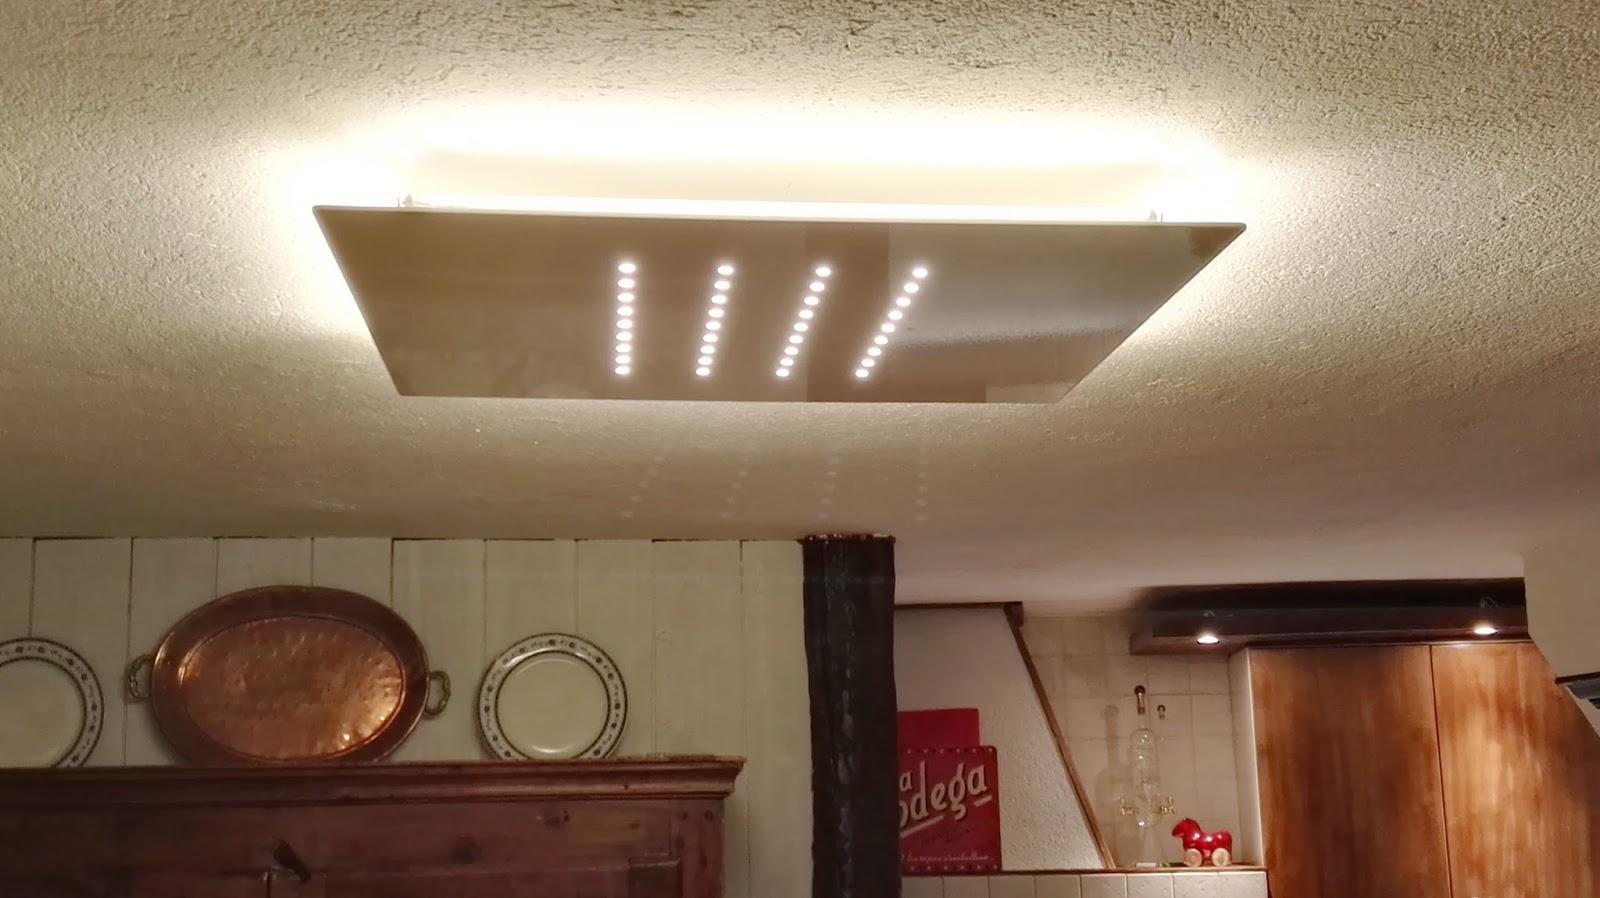 Lampadari cucina soffitto basso lampadari moderni lampadario